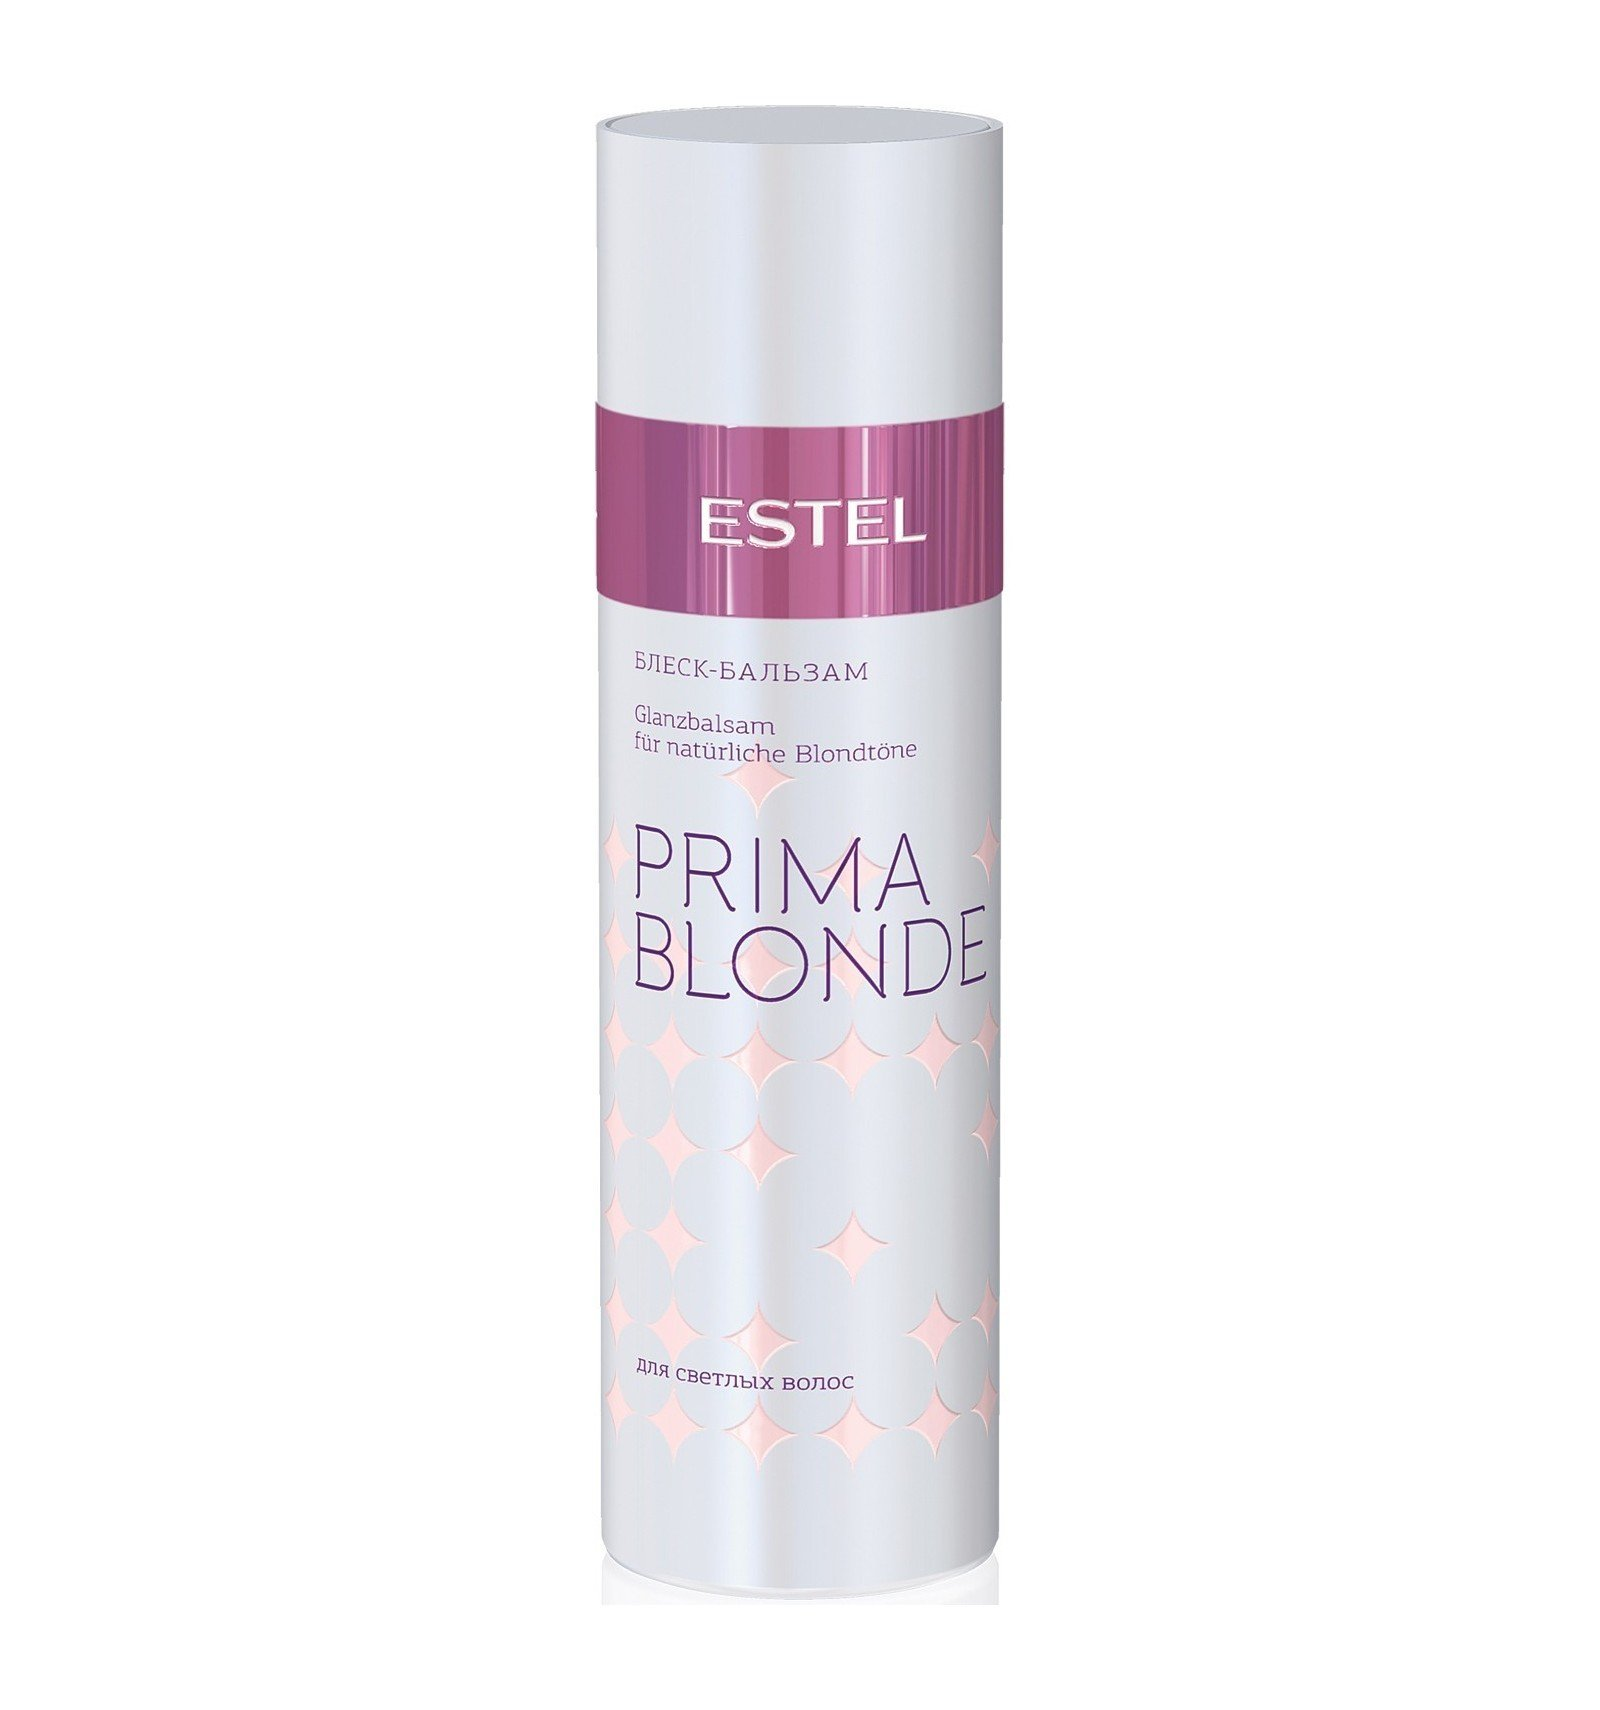 ESTEL PROFESSIONAL Блеск-бальзам для светлых волос / OTIUM Prima Blonde 200 мл